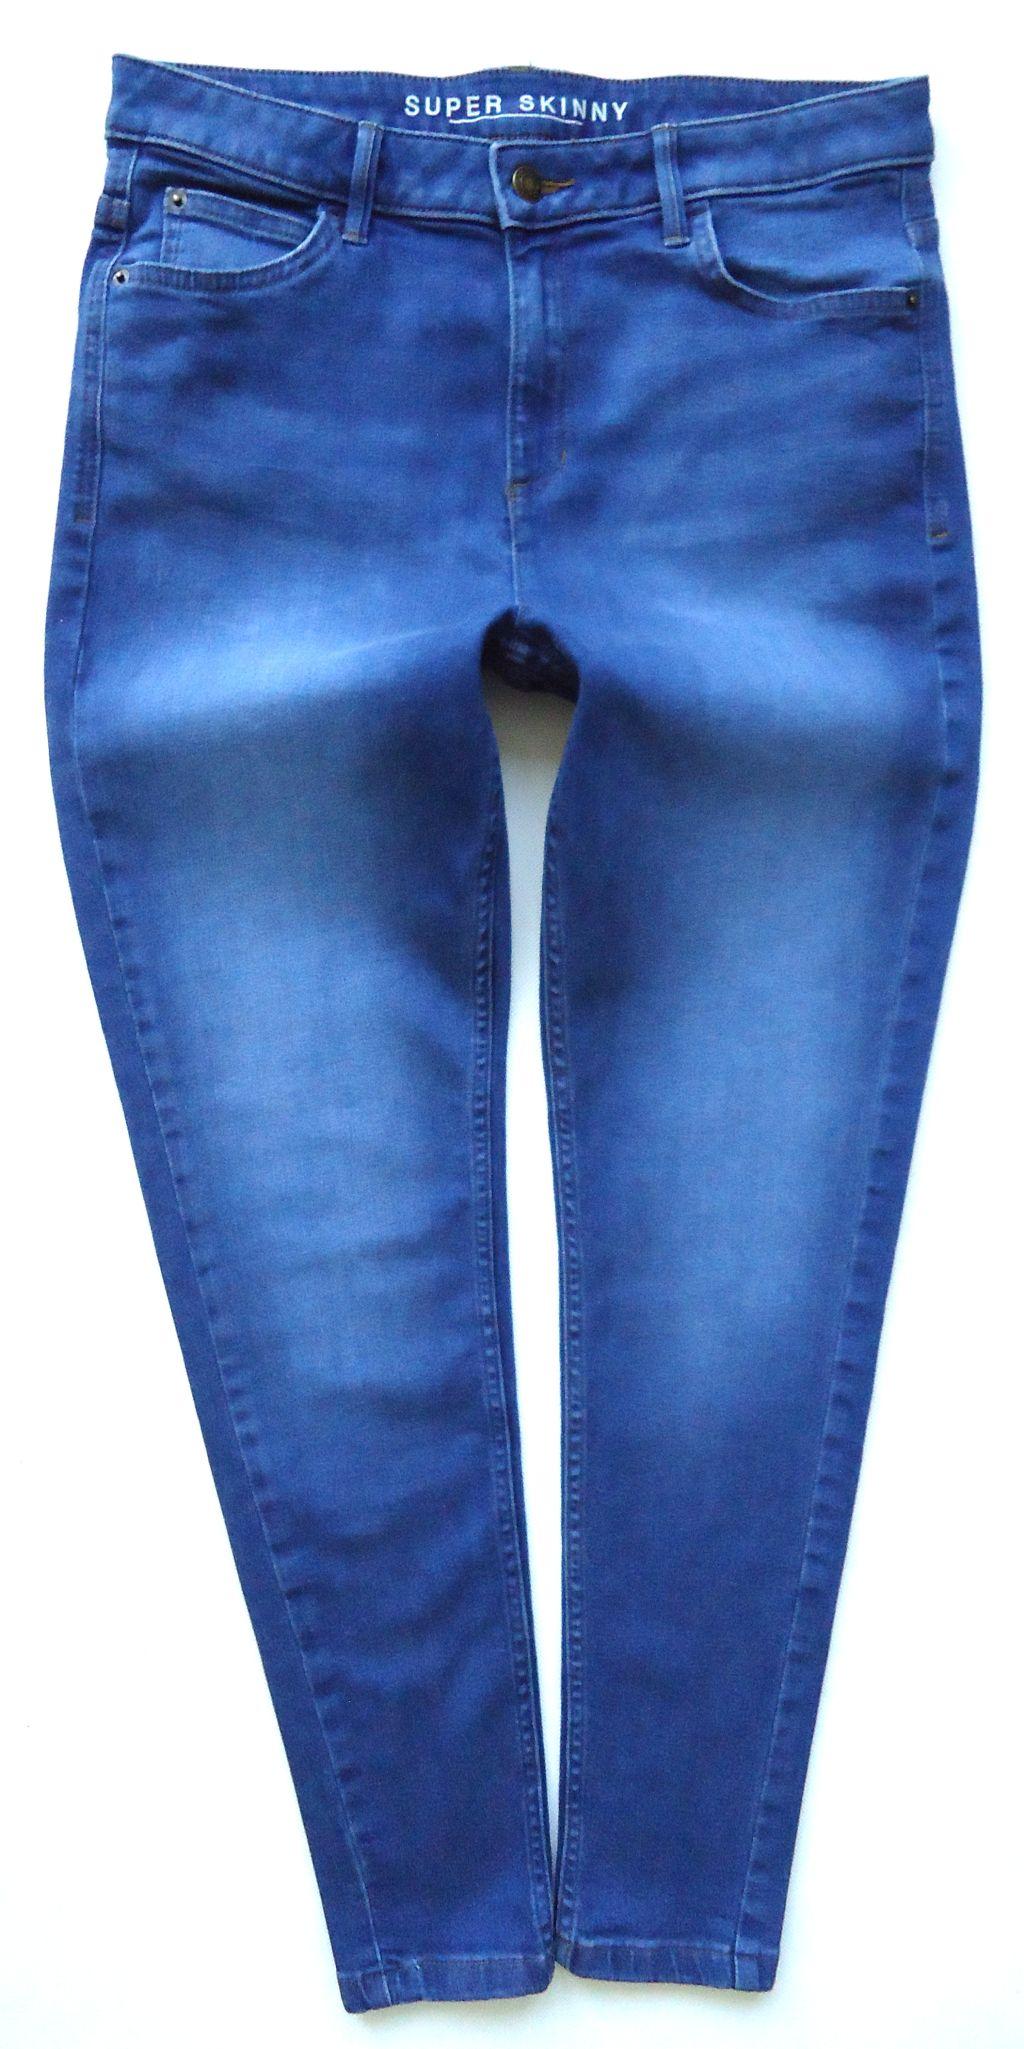 8de13eba3f66 M S jeansy rurki SKINNY wysoka talia 42 44 - 7319267388 - oficjalne ...